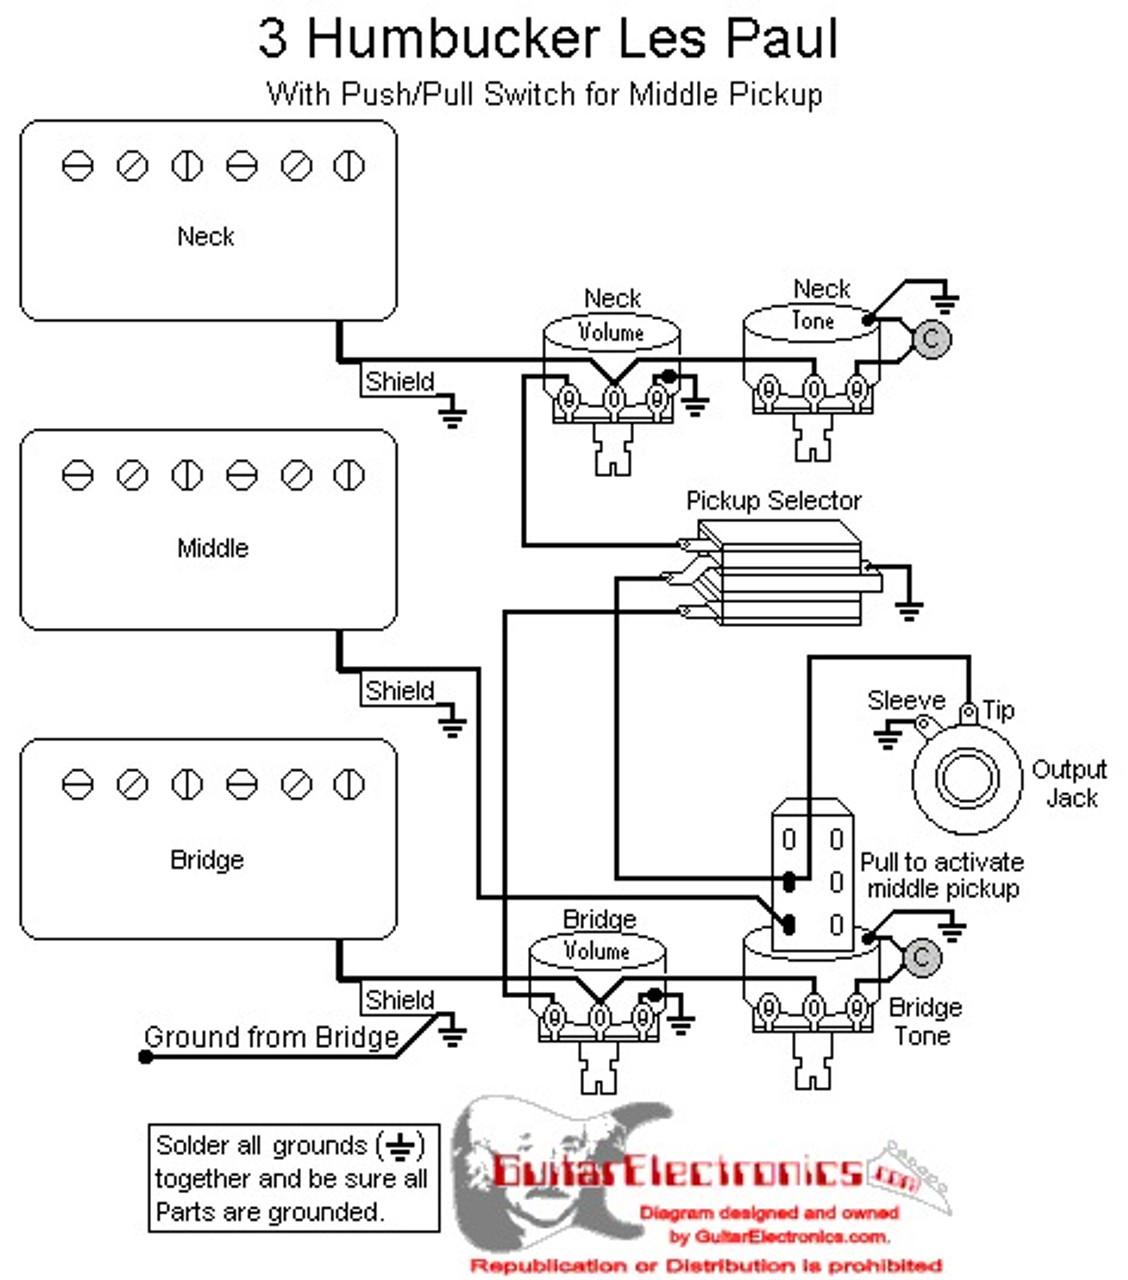 wdu hhh3t22 02 3 pickups wiring diagram 3 humbucker wiring diagram [ 1128 x 1280 Pixel ]